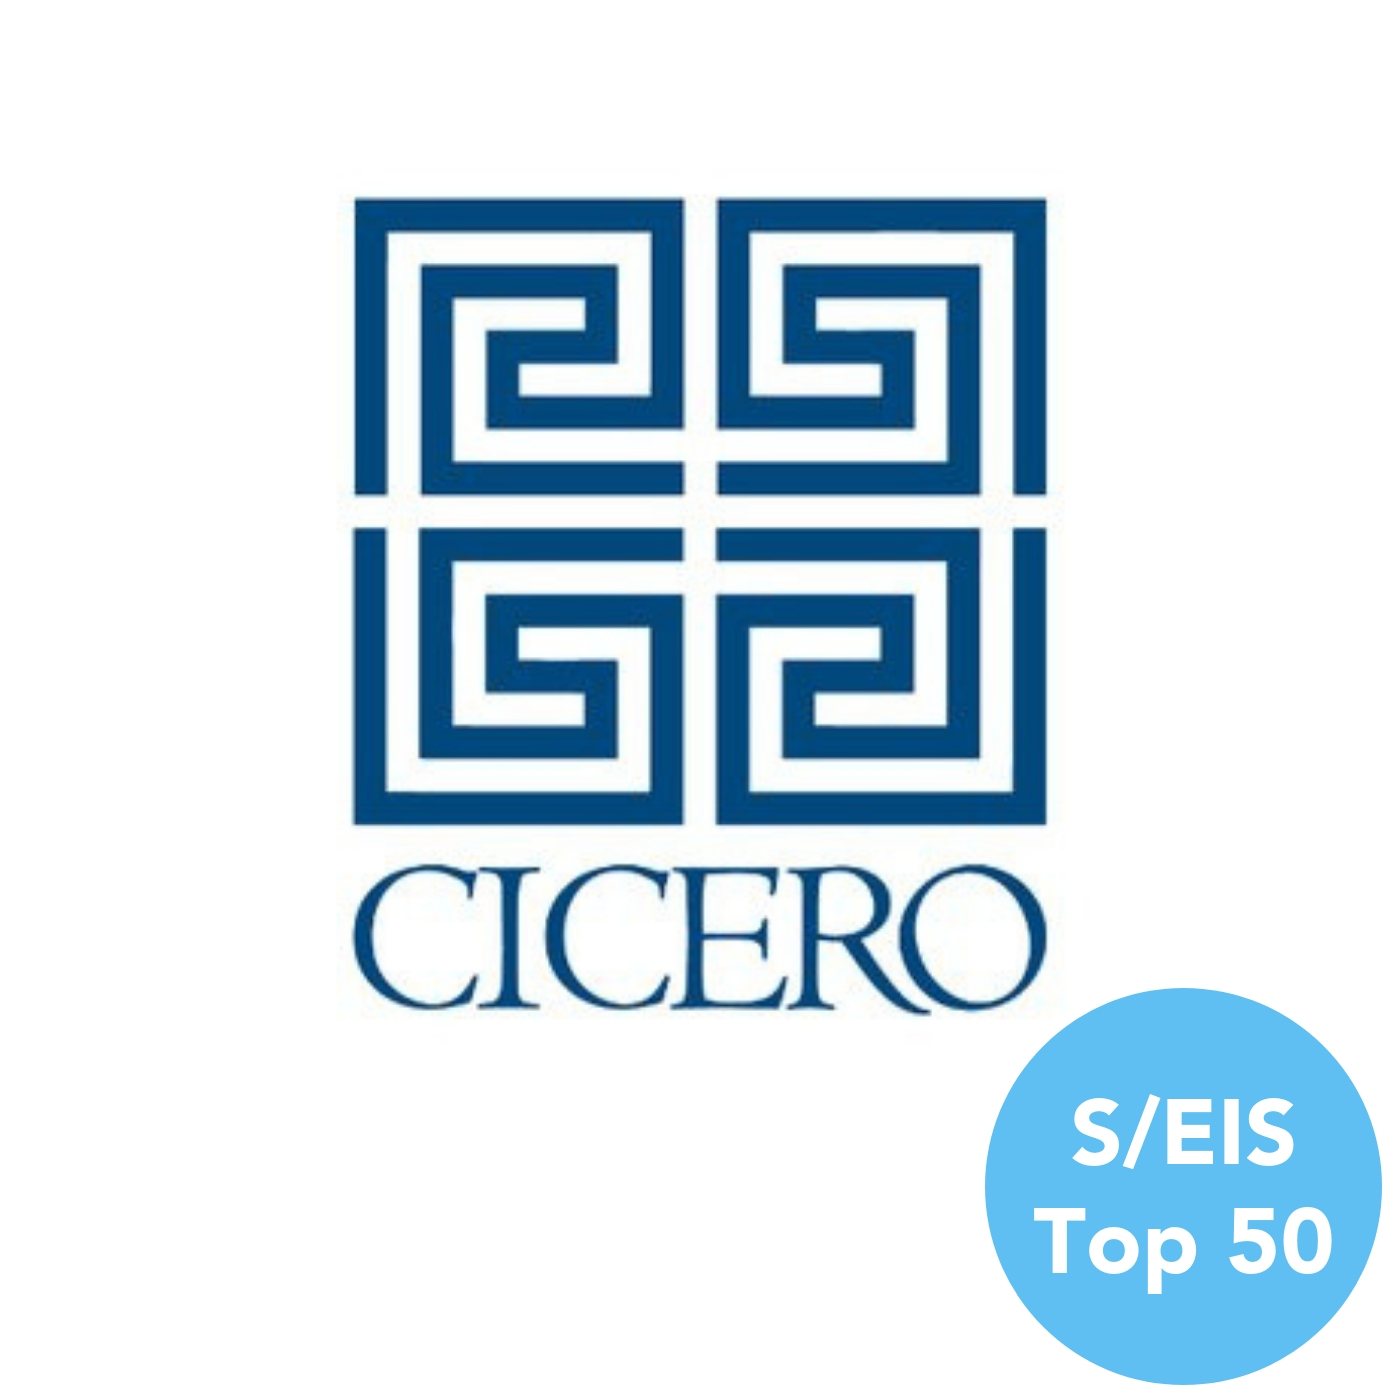 Cicero Group | S/EIS Top 50